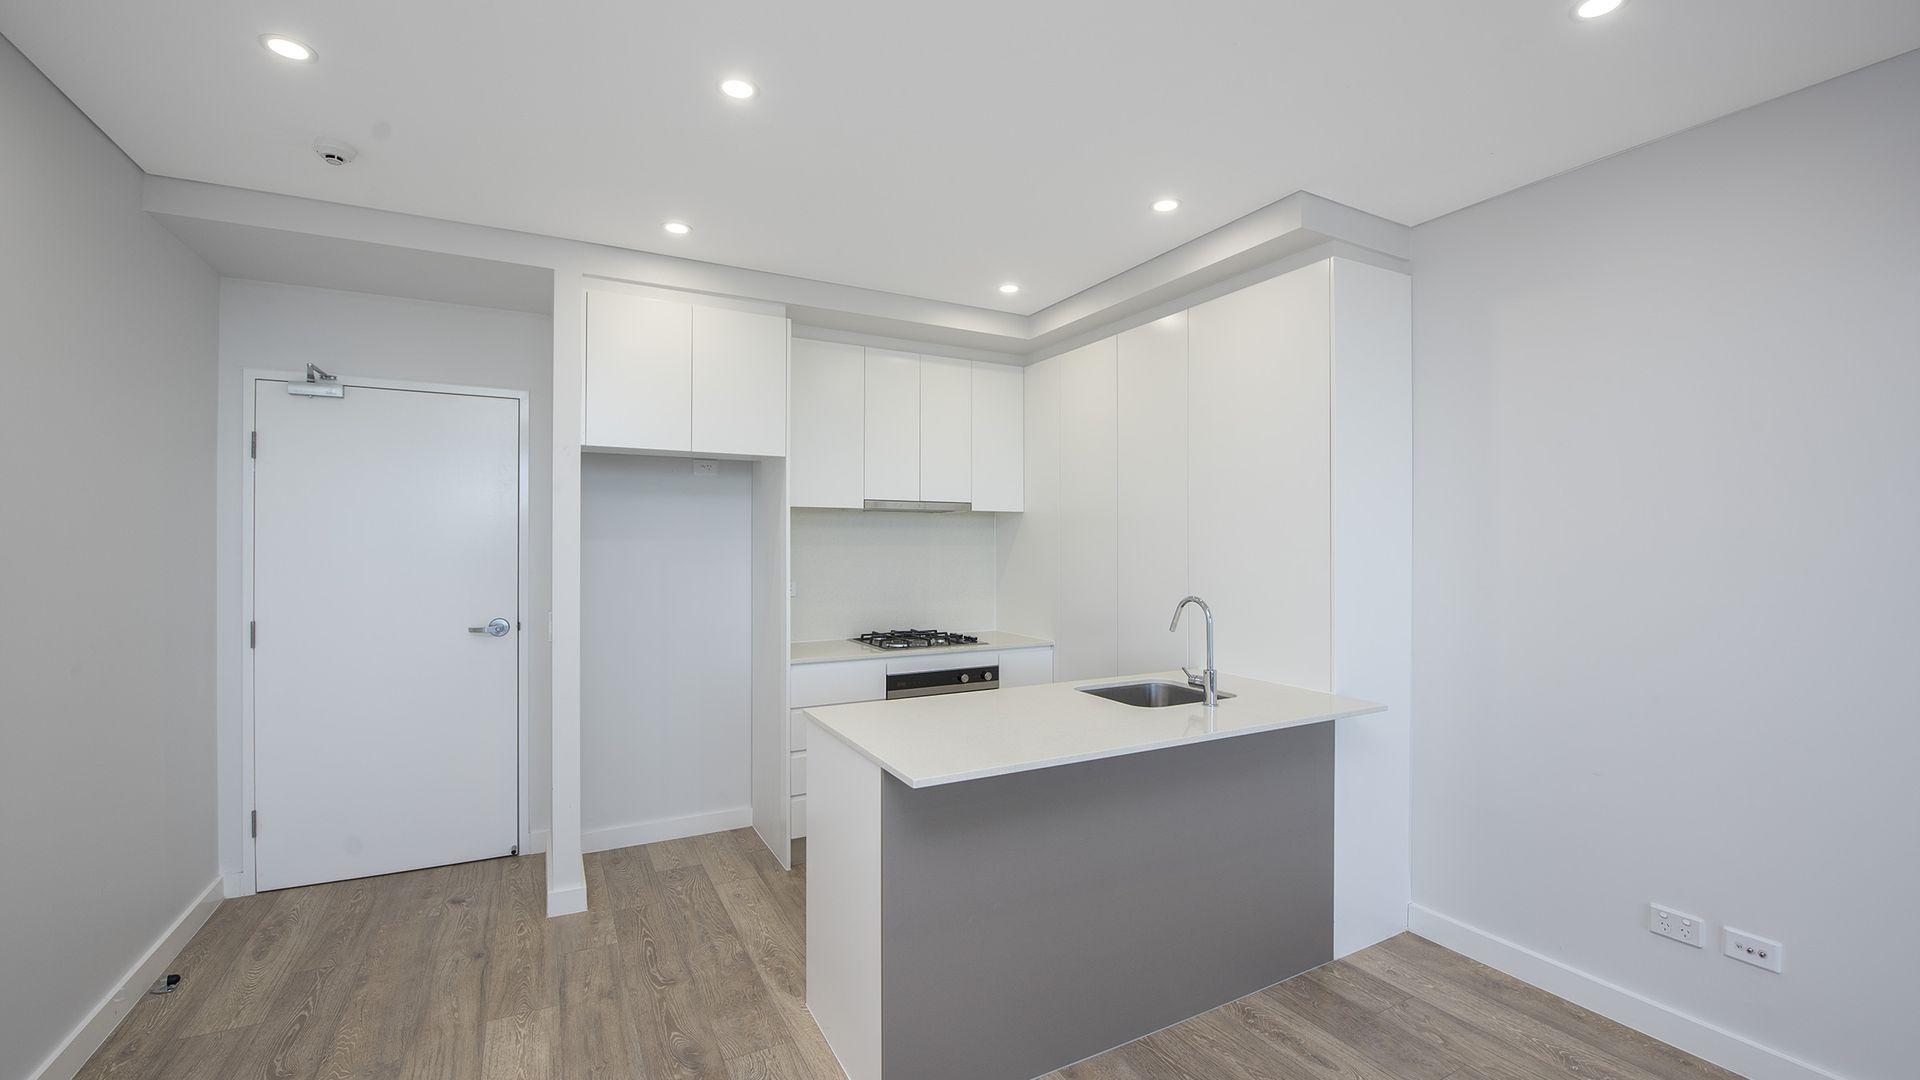 303/10-12 Burwood Road, Burwood NSW 2134, Image 1